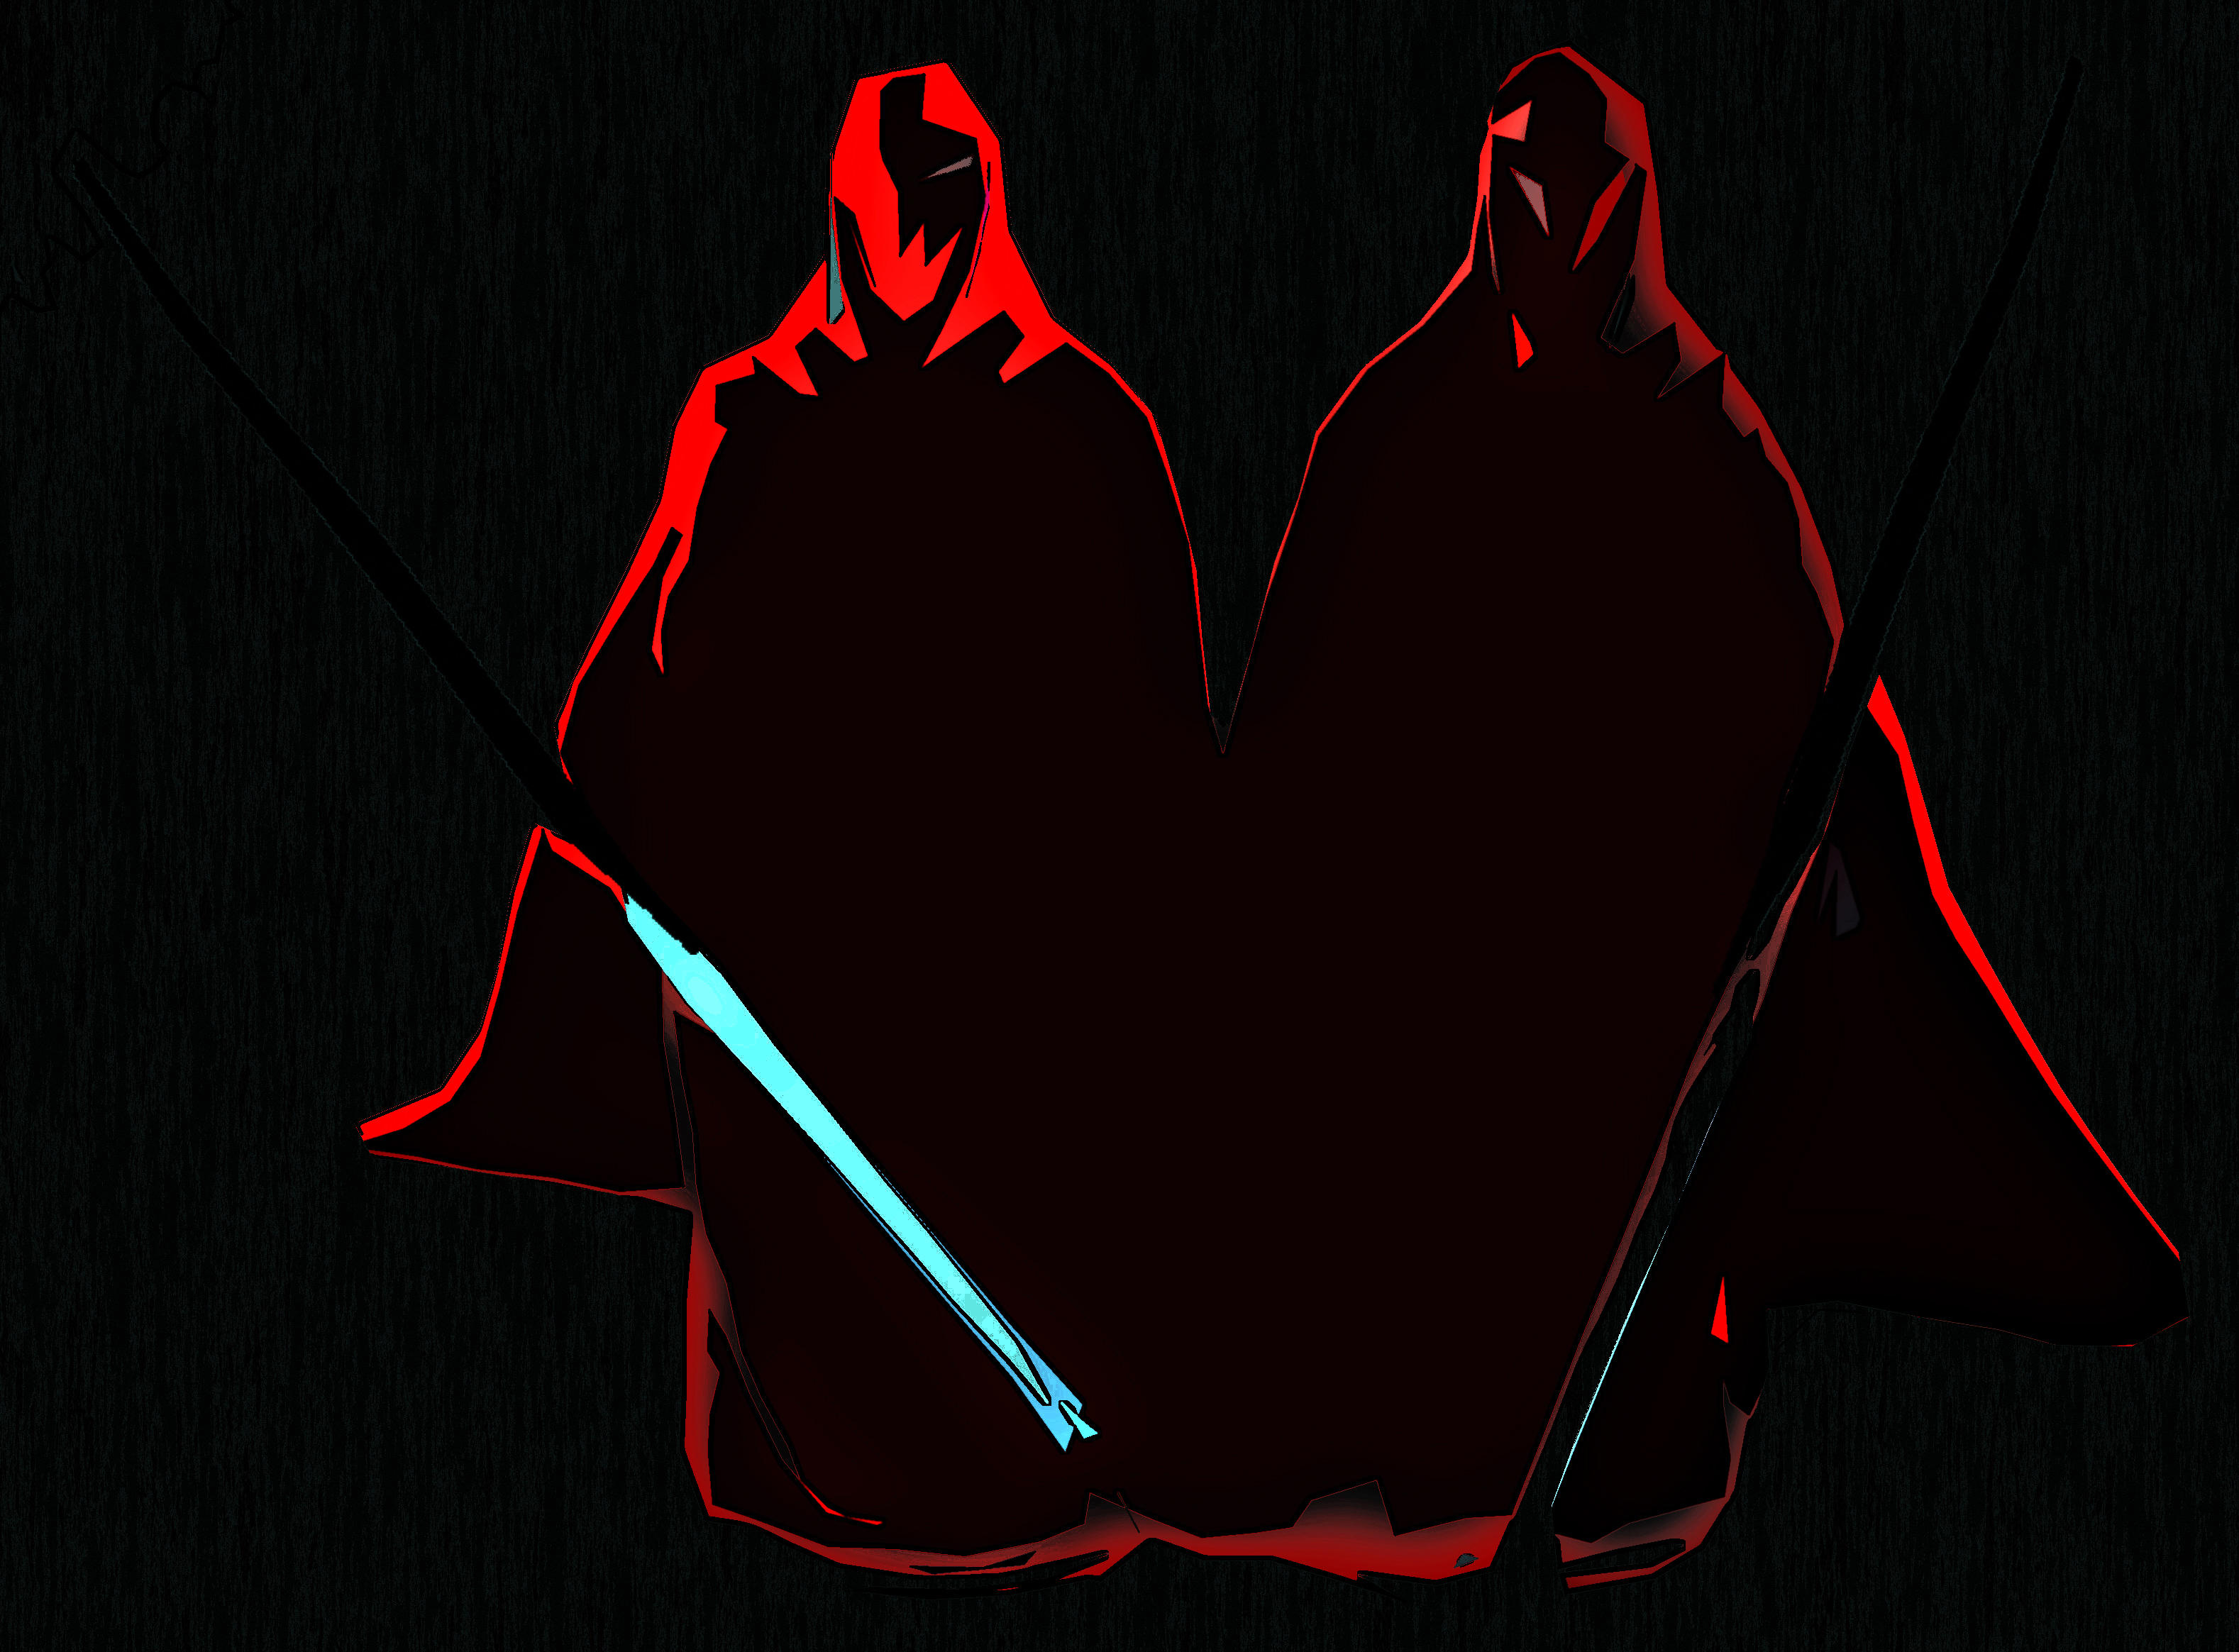 psybertech's Star Wars Figures Artwork Limelight 9118954281_8e19791d14_o